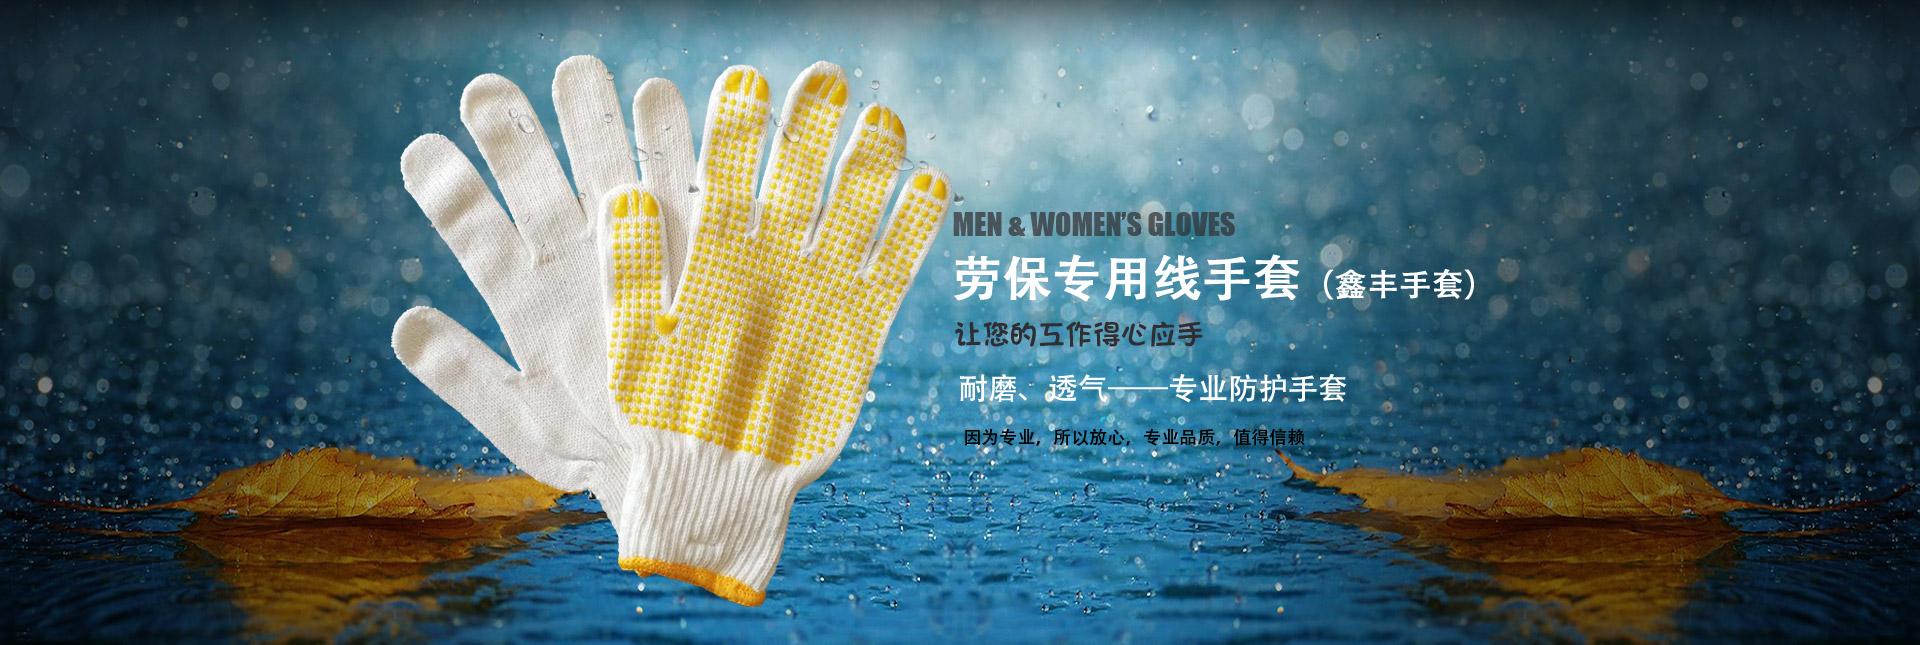 青岛劳保线手套对于很多工厂来说都是必备的工